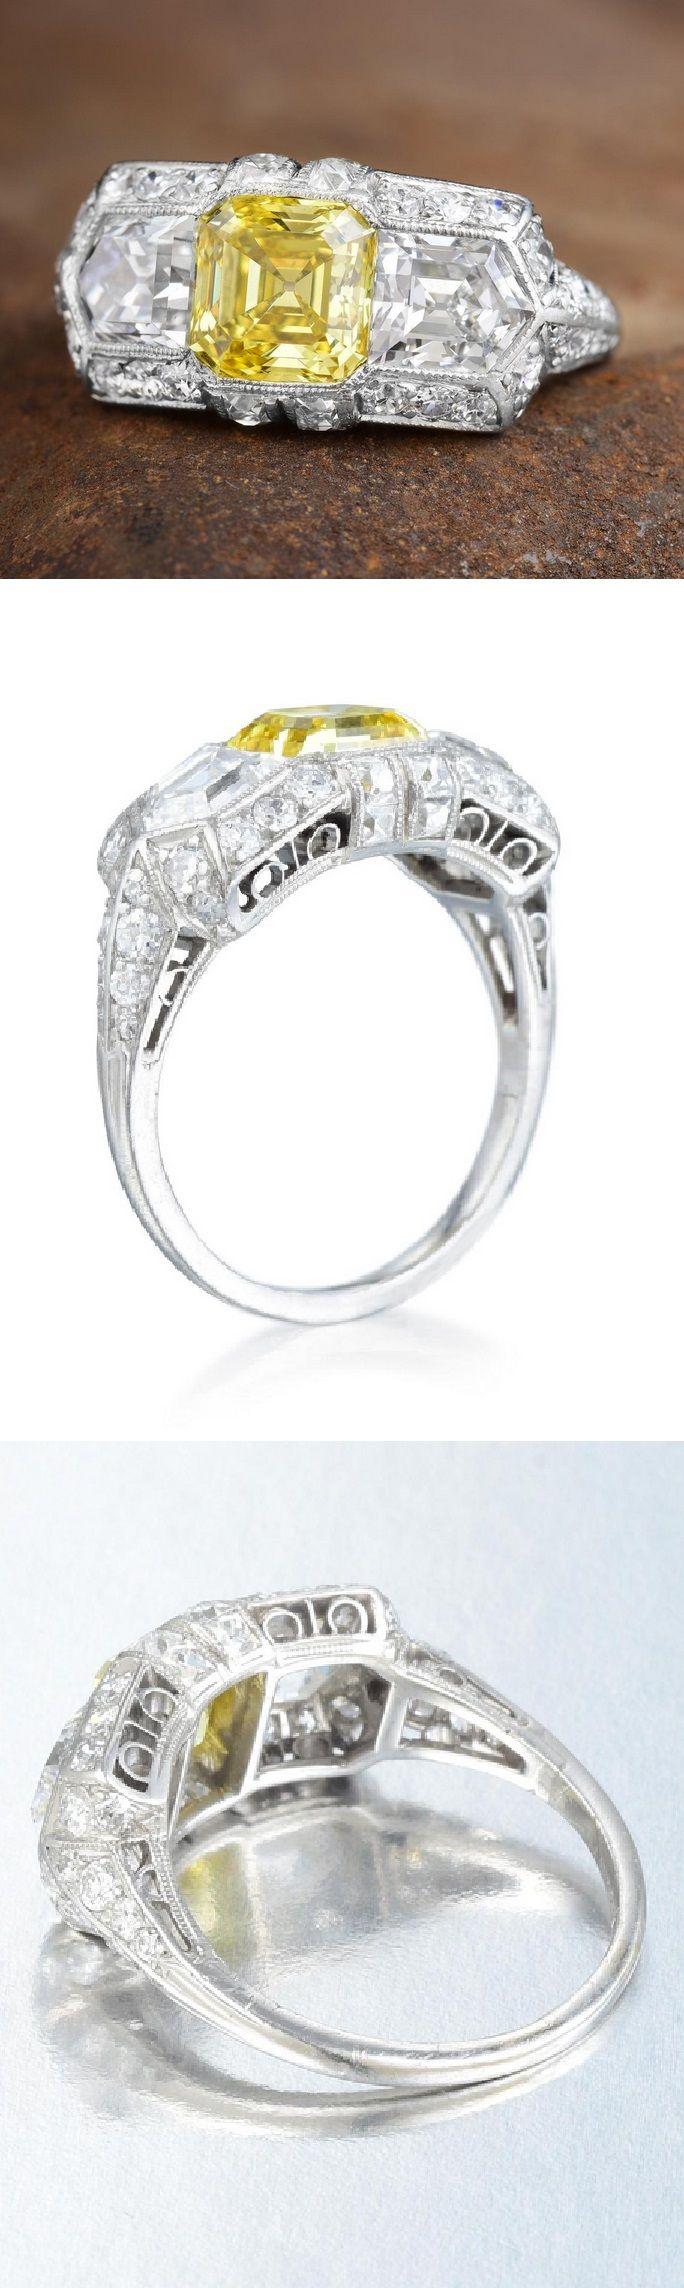 Tiffany & Co.- Art Deco